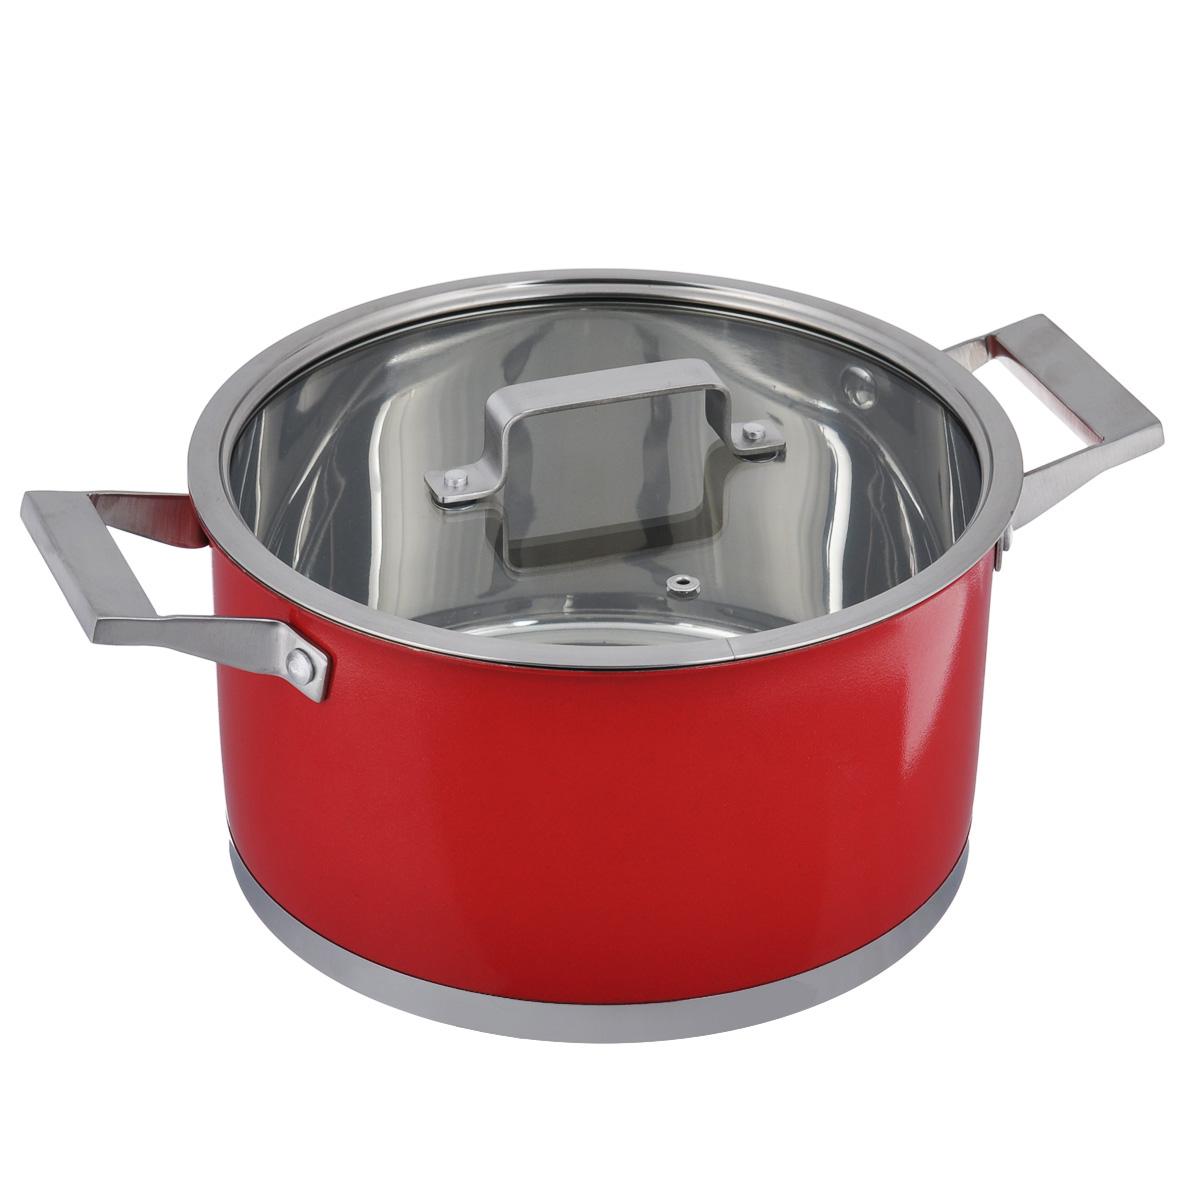 Кастрюля Bohmann с крышкой, цвет: красный, 2,6 л94672Кастрюля Bohmann изготовлена из высококачественной нержавеющей стали. Внутренняя поверхность имеет зеркальную полировку, а внешняя - матовое покрытие красного цвета. Нержавеющая сталь обладает высокой стойкостью к коррозии и кислотам. Прочность, долговечность и надежность этого материала, а также первоклассная обработка обеспечивают практически неограниченный запас прочности и неизменно привлекательный внешний вид. Кастрюля имеет многослойное капсульное дно с алюминиевым основанием, которое быстро и равномерно накапливает тепло и так же равномерно передает его пище. Капсульное дно позволяет готовить блюда с минимальным количеством воды и жира, сохраняя при этом вкусовые и питательные свойства продуктов. Применение технологии многослойного дна создает эффект удержания тепла - пища готовится и после отключения плиты благодаря термоаккумулирующим свойствам посуды. Диаметры изделий соответствуют общепринятым размерам конфорок бытовых плит. Посуда оснащена удобными металлическими ручками с матовой полировкой. Крышка выполнена из термостойкого стекла. Можно использовать на газовых, электрических, галогенных, стеклокерамических, индукционных плитах. Можно мыть в посудомоечной машине. Высота стенки: 10,5 см. Ширина кастрюли (с учетом ручек): 27 см. Толщина стенки: 1 мм. Толщина дна: 5 мм.